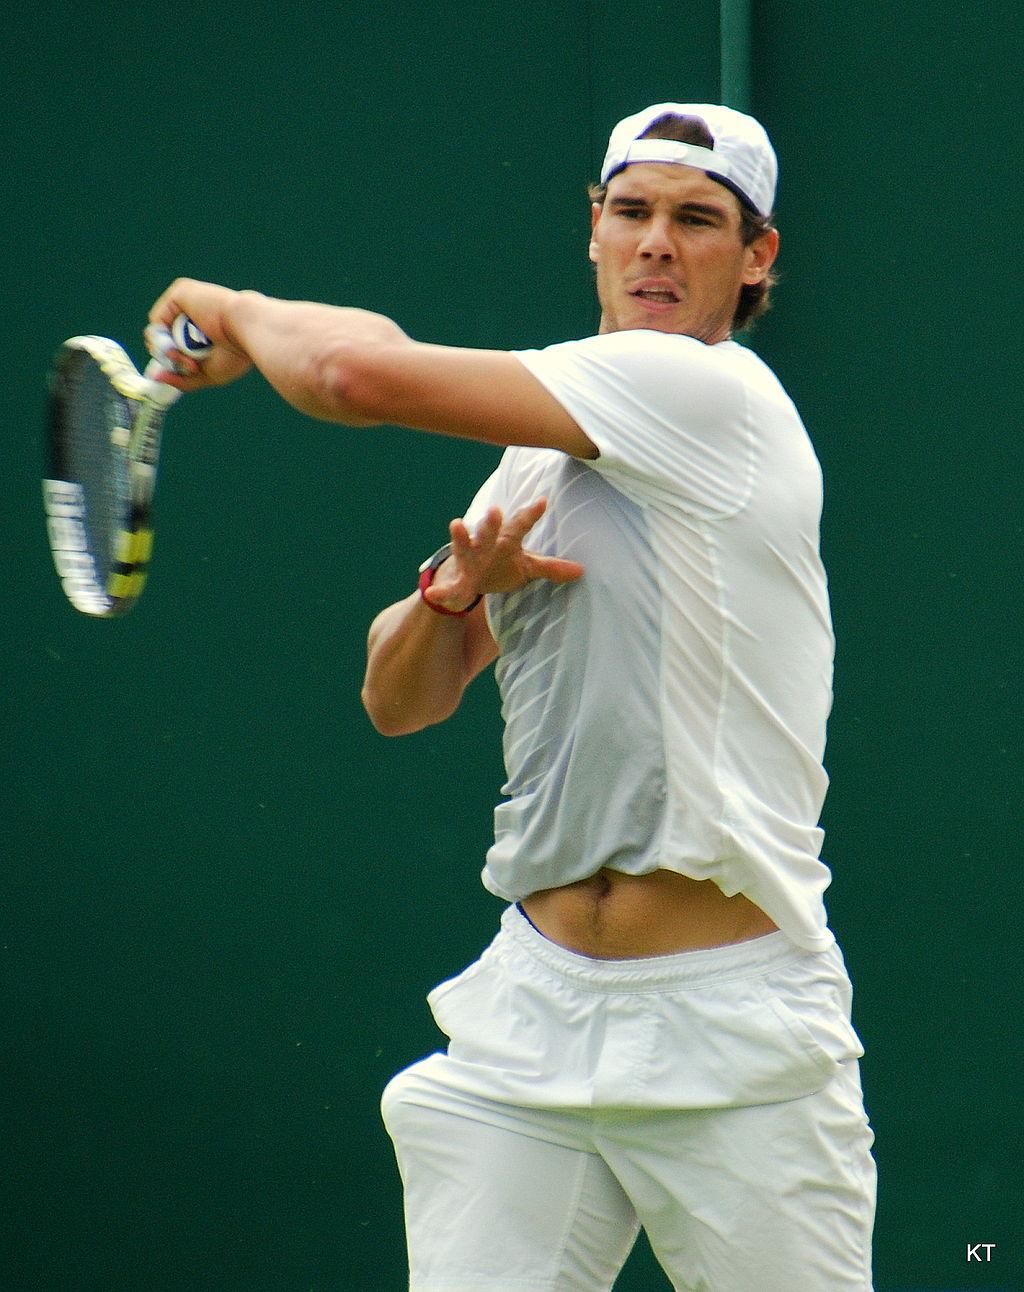 Wimbledon Fashions